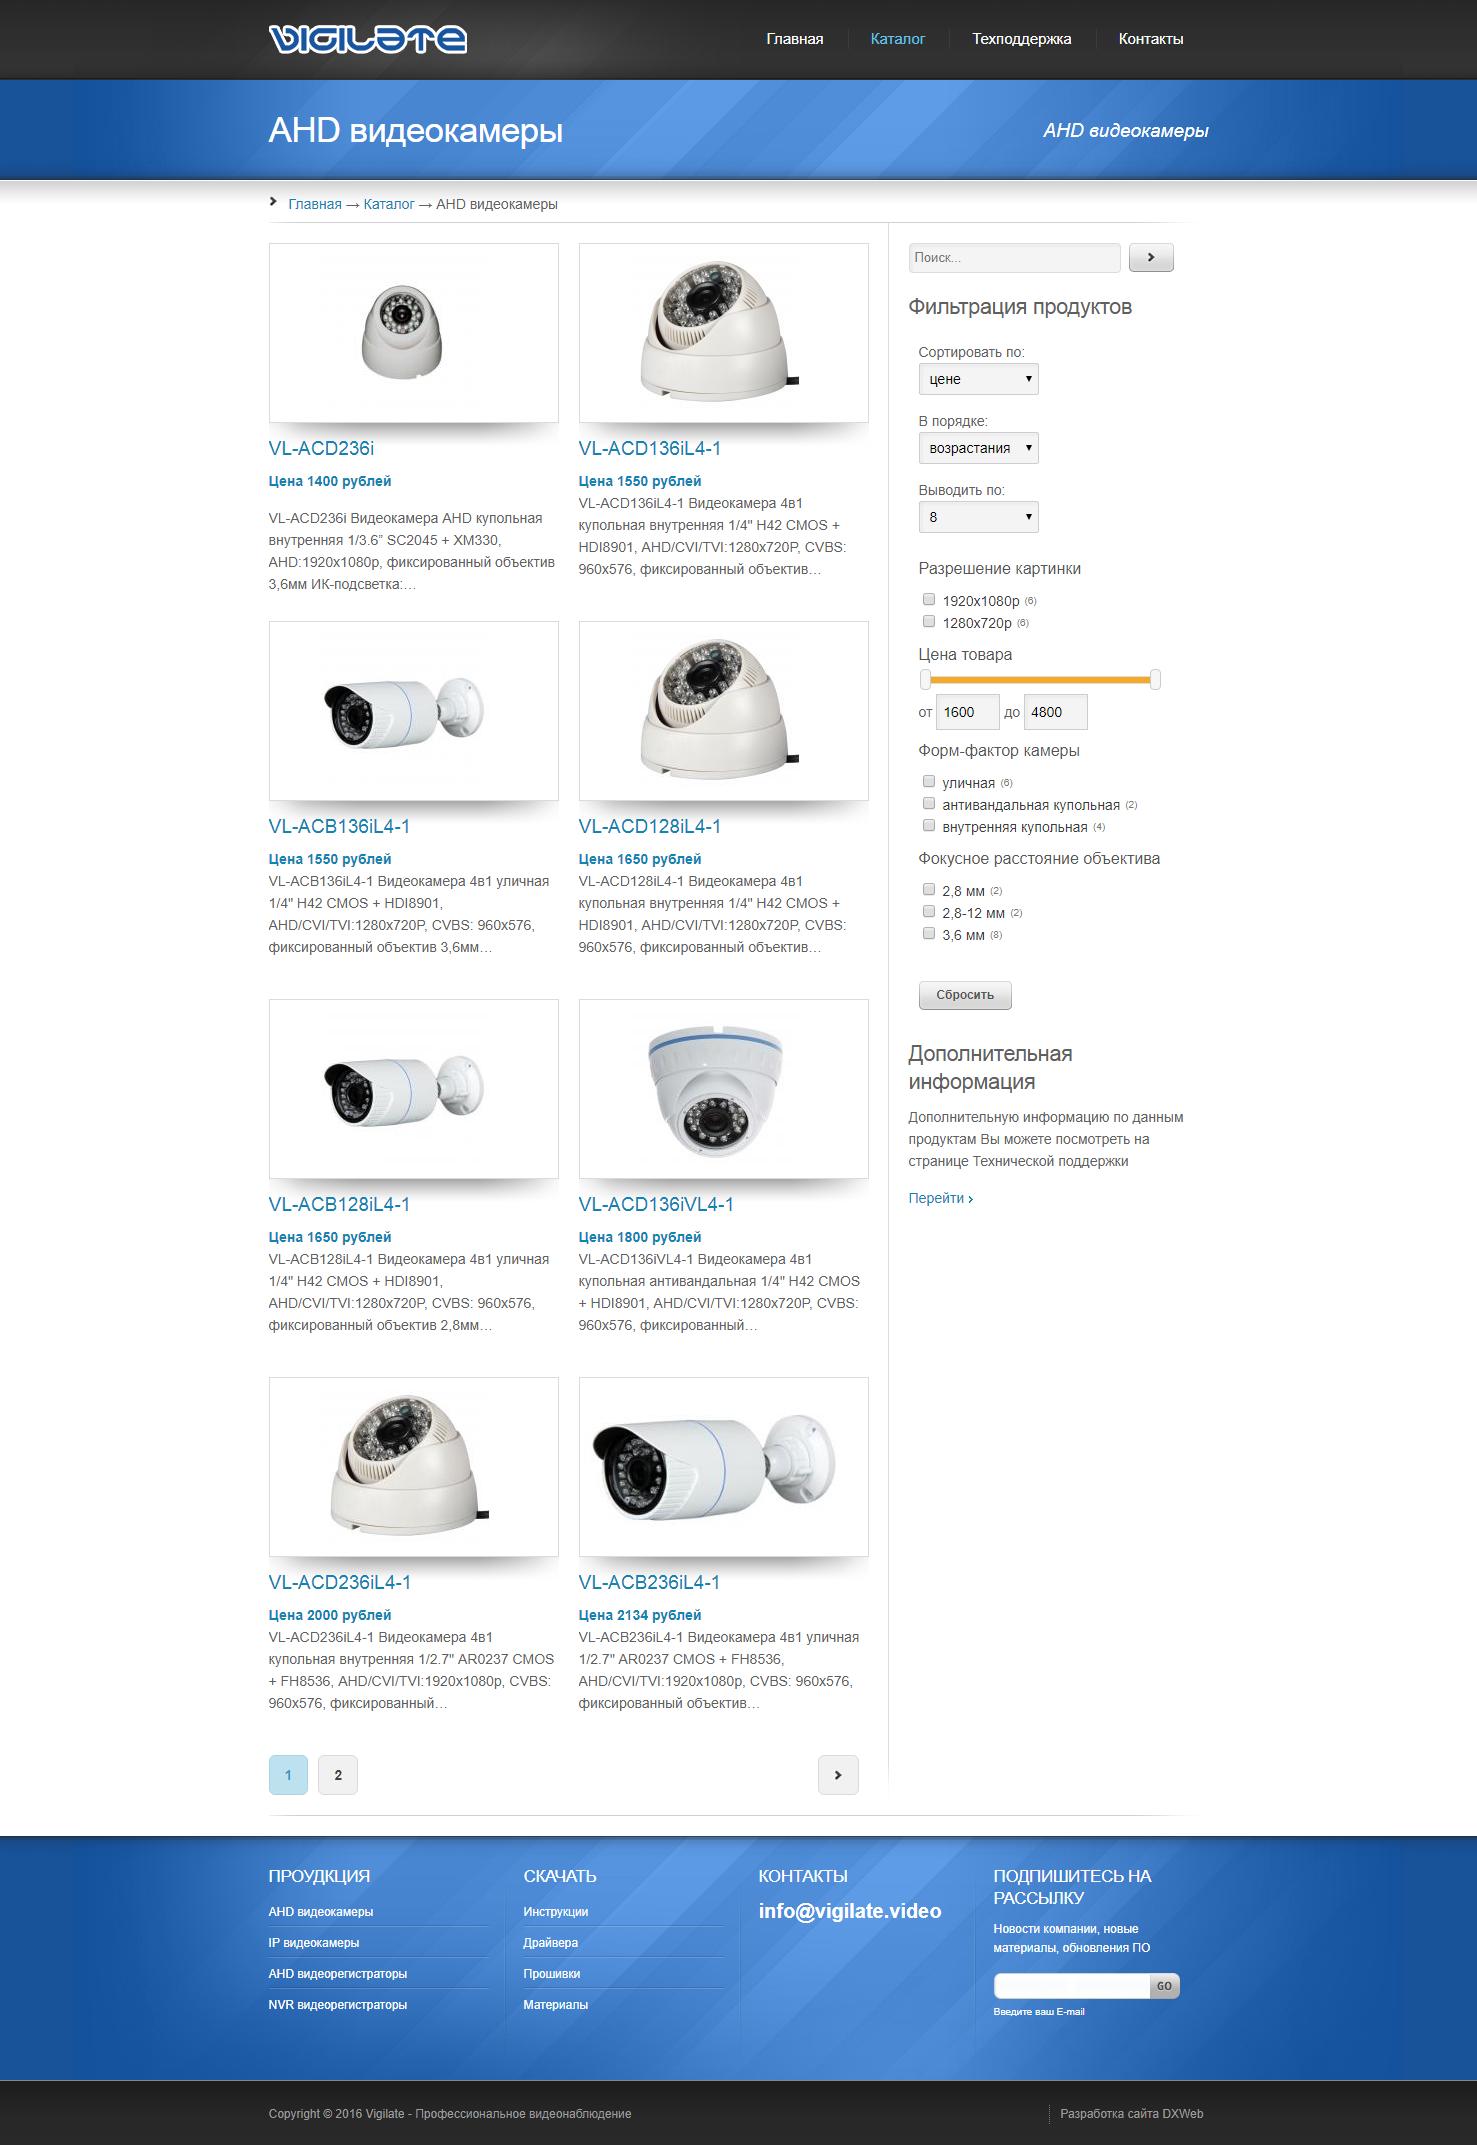 Vigilate - оборудование для видеонаблюдения